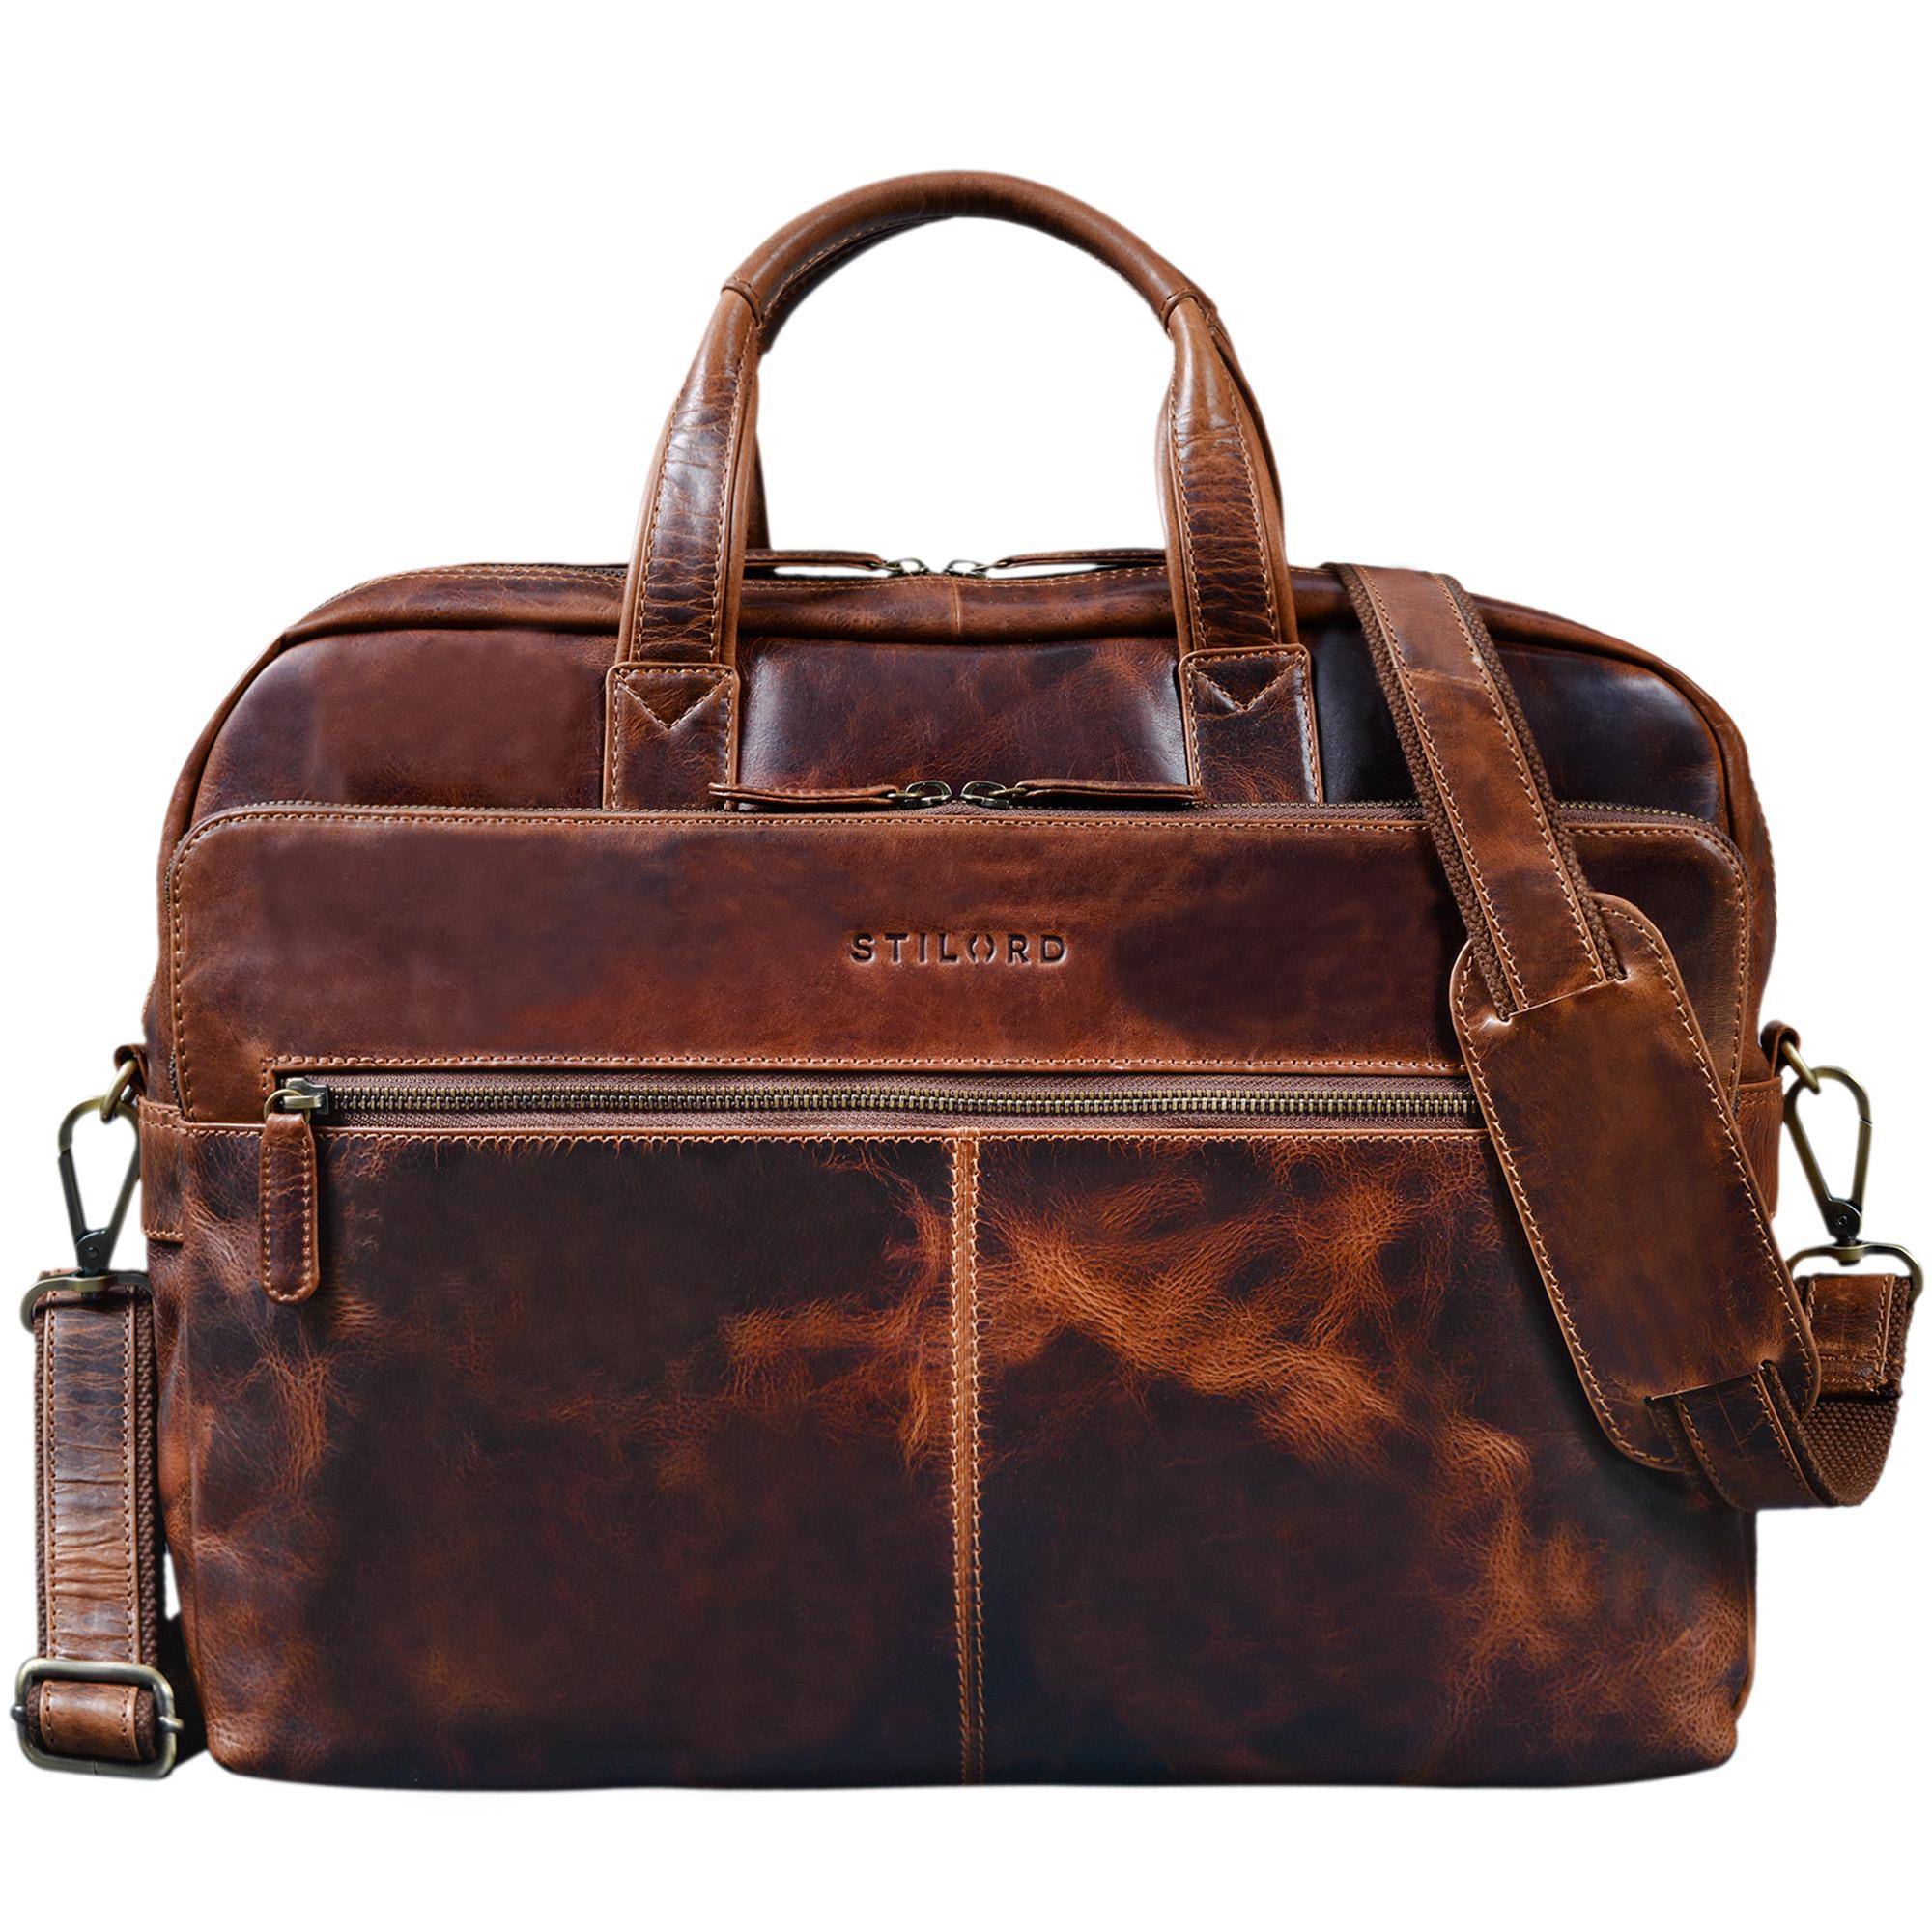 """STILORD """"William"""" Businesstasche Leder groß XL Lehrertasche Aktentasche 15,6 Zoll Laptoptasche Bürotasche Ledertasche Vintage Umhängetasche Echtleder - Bild 3"""